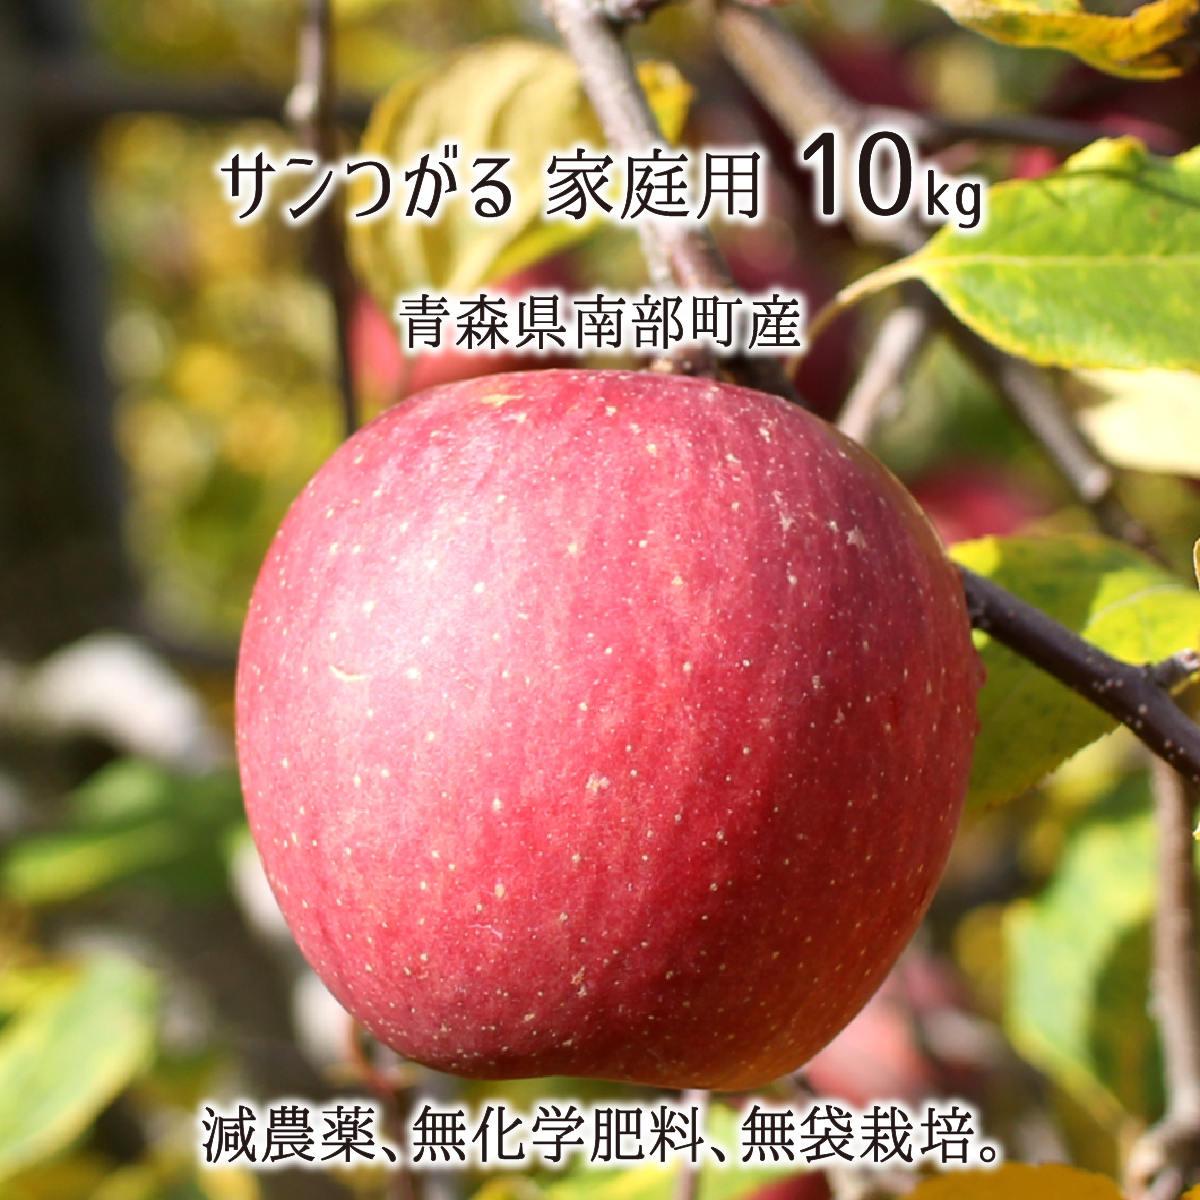 国内在庫 無料 減農薬 有機肥料栽培 果皮まで食して欲しい無袋栽培りんご サンつがる 訳あり 10kg 無化学肥料 26~40玉 家庭用 青森県南部町産 送料無料 9月下旬~10月上旬 りんご